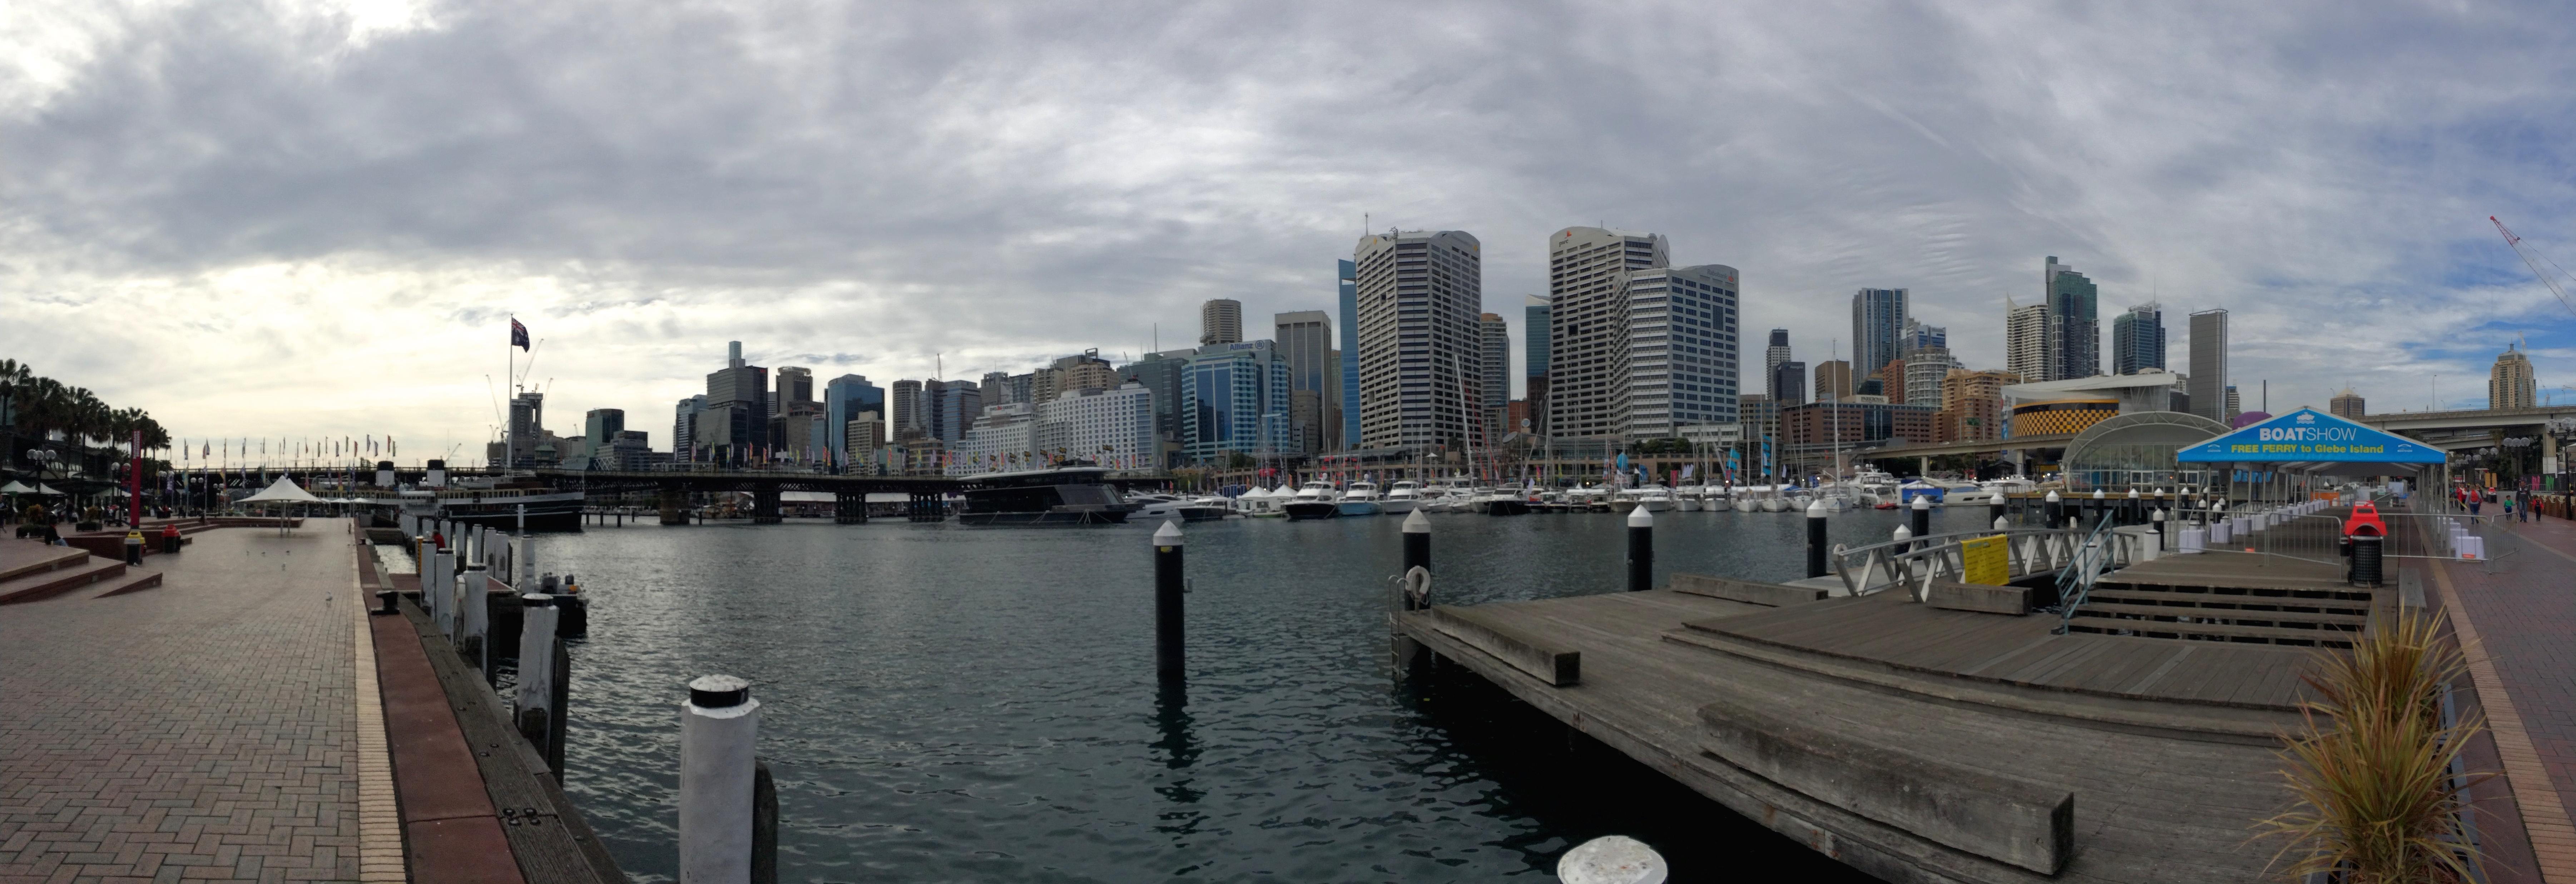 Sydney Scenery